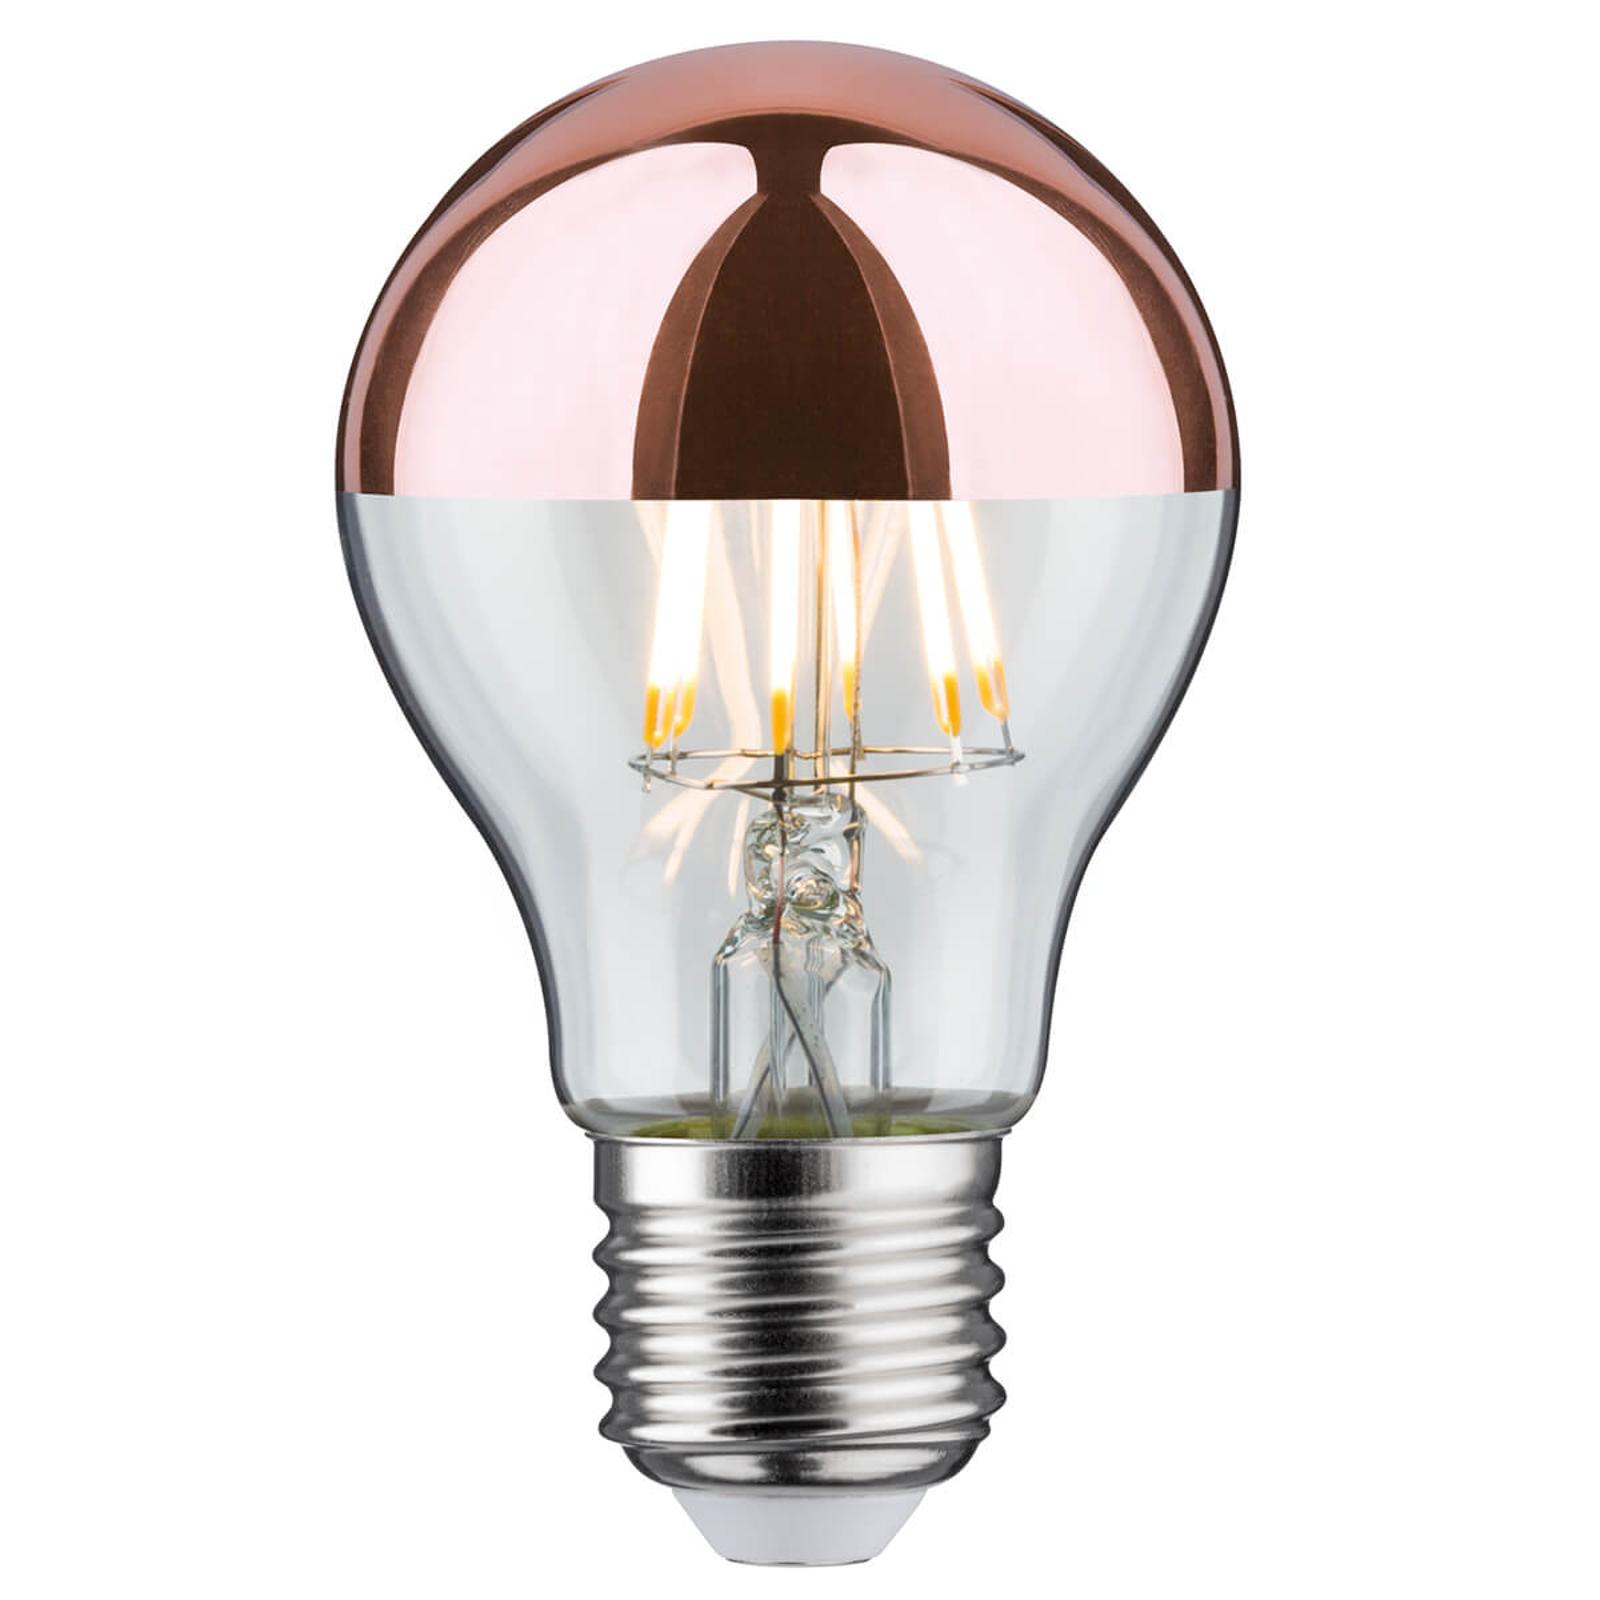 Paulmann LED-Kopfspiegellampe E27 6,5W 827 kupfer